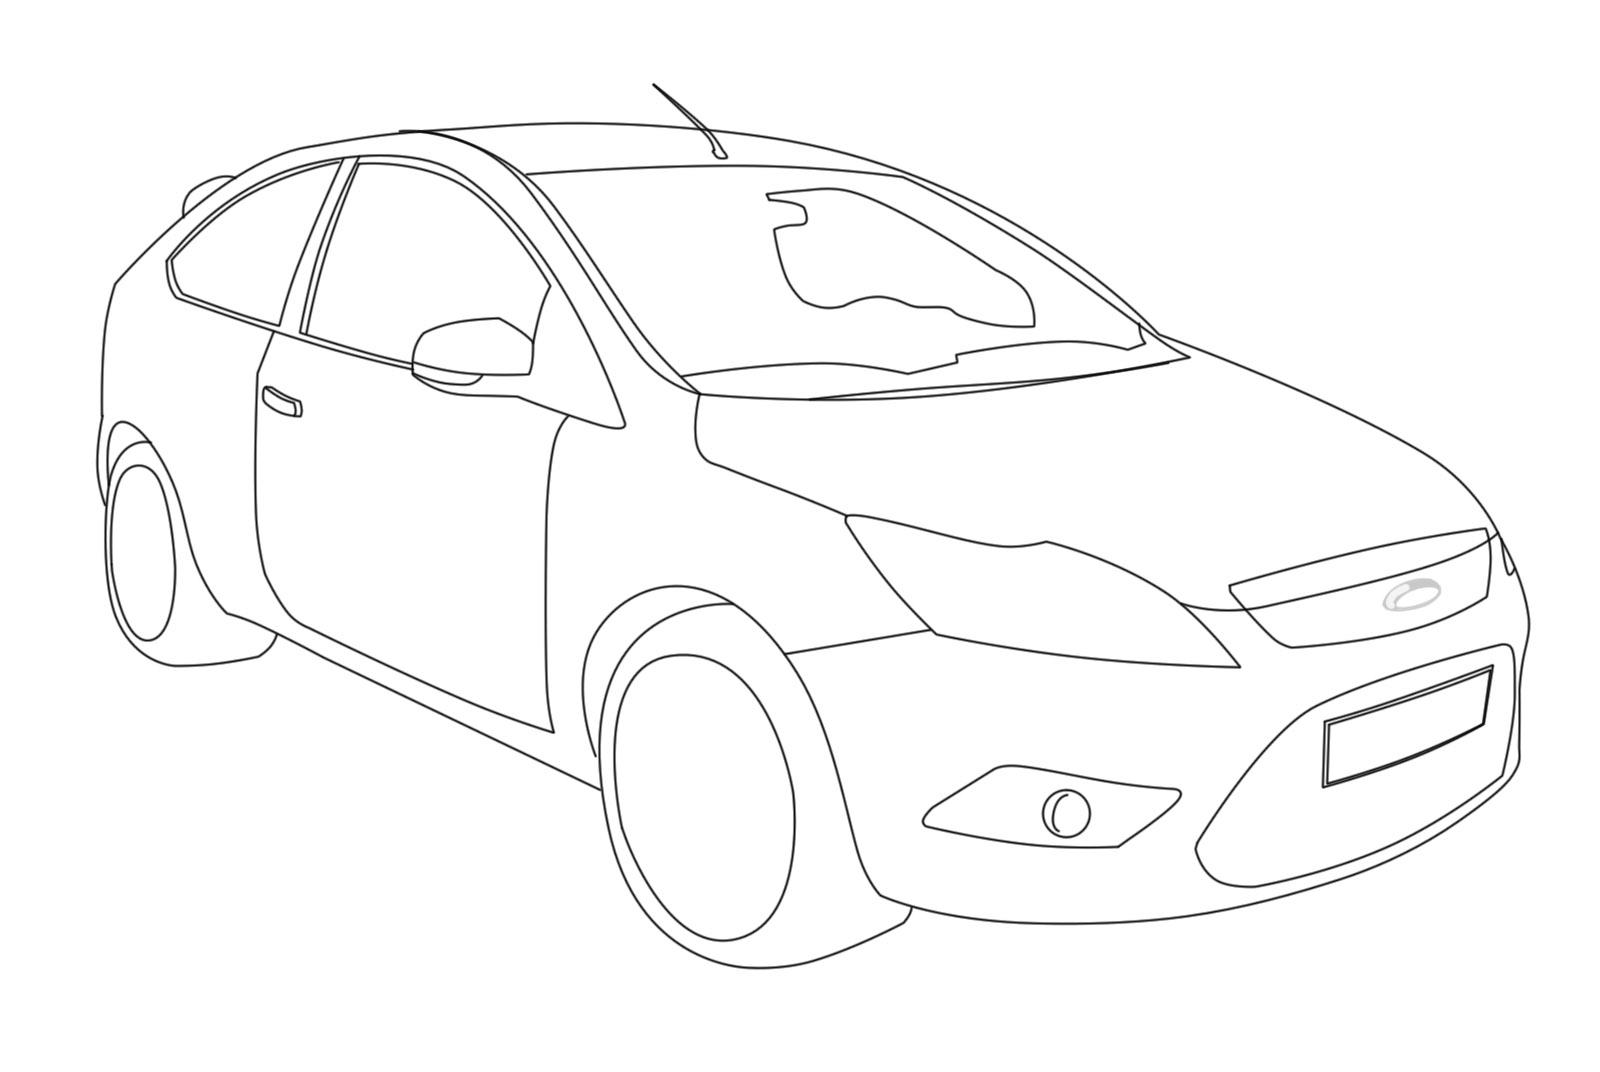 Focus coloring #4, Download drawings